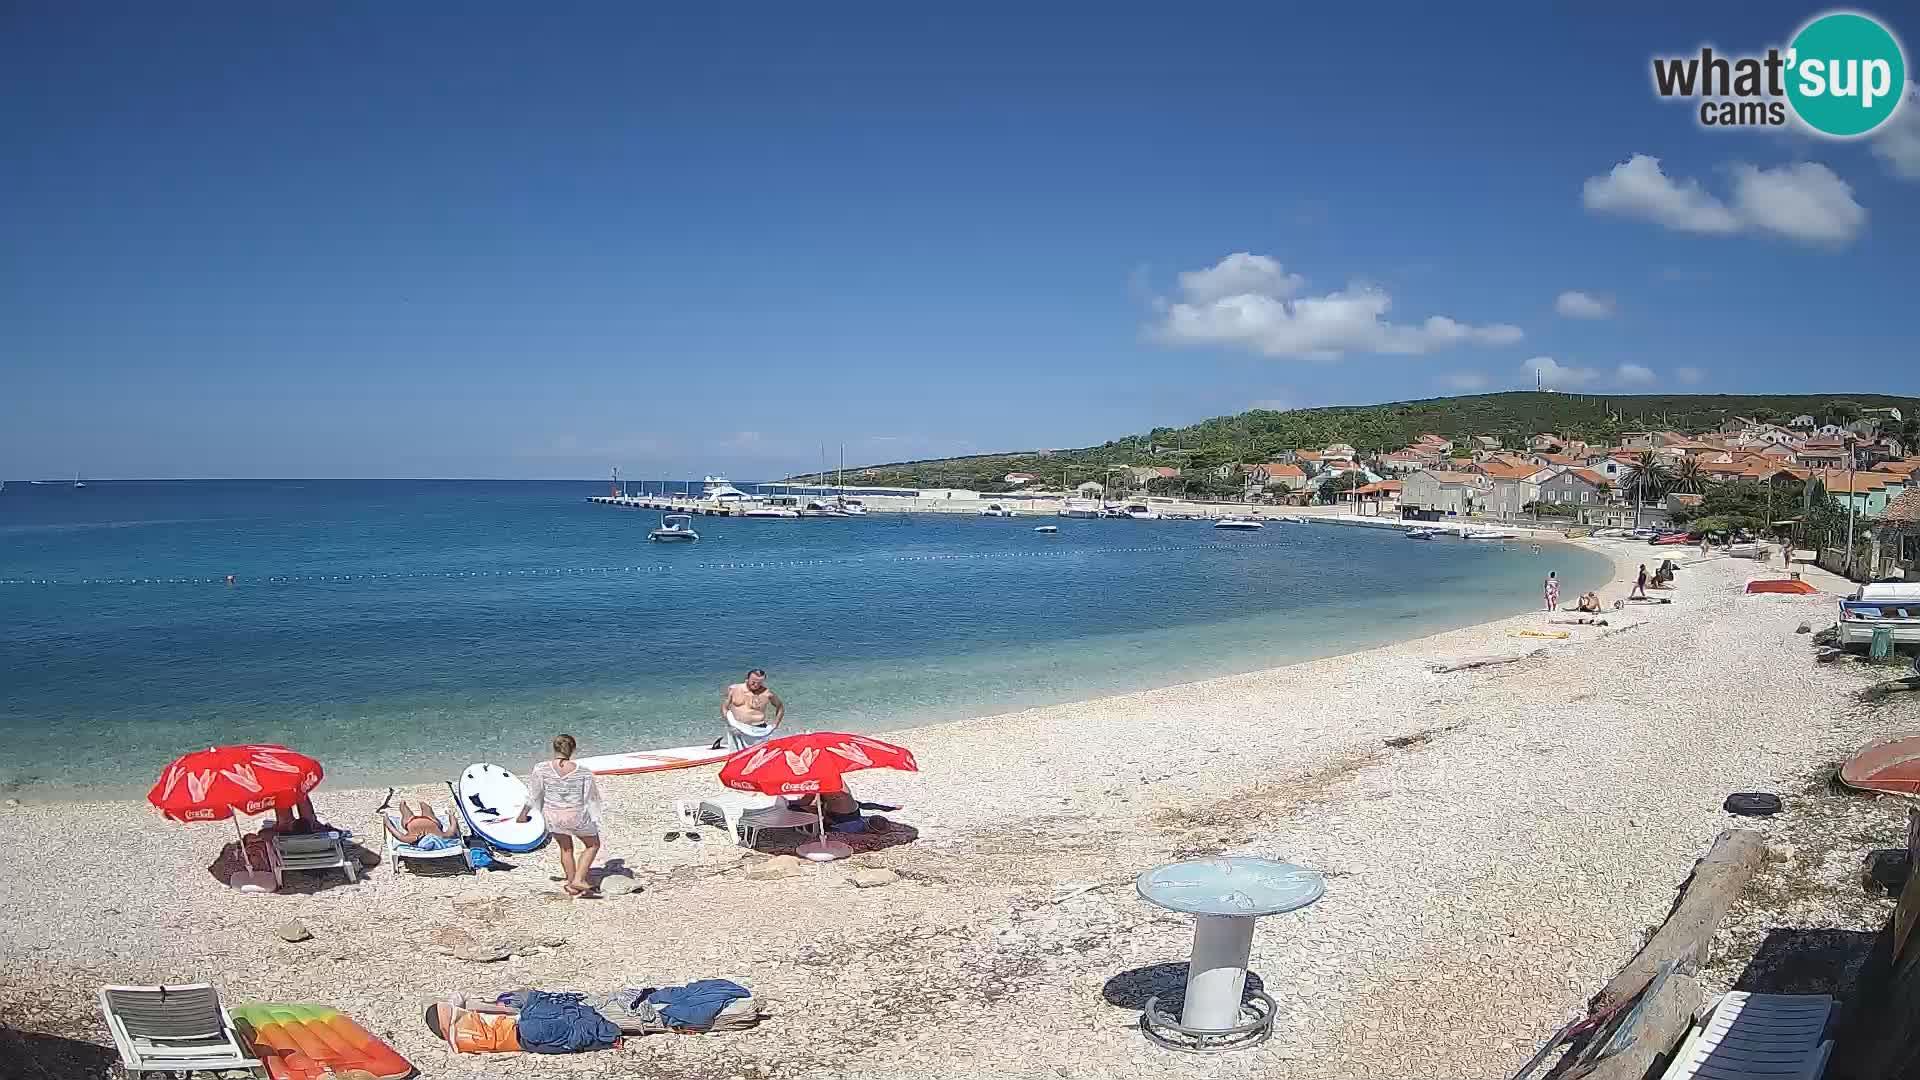 Unije strand webcam